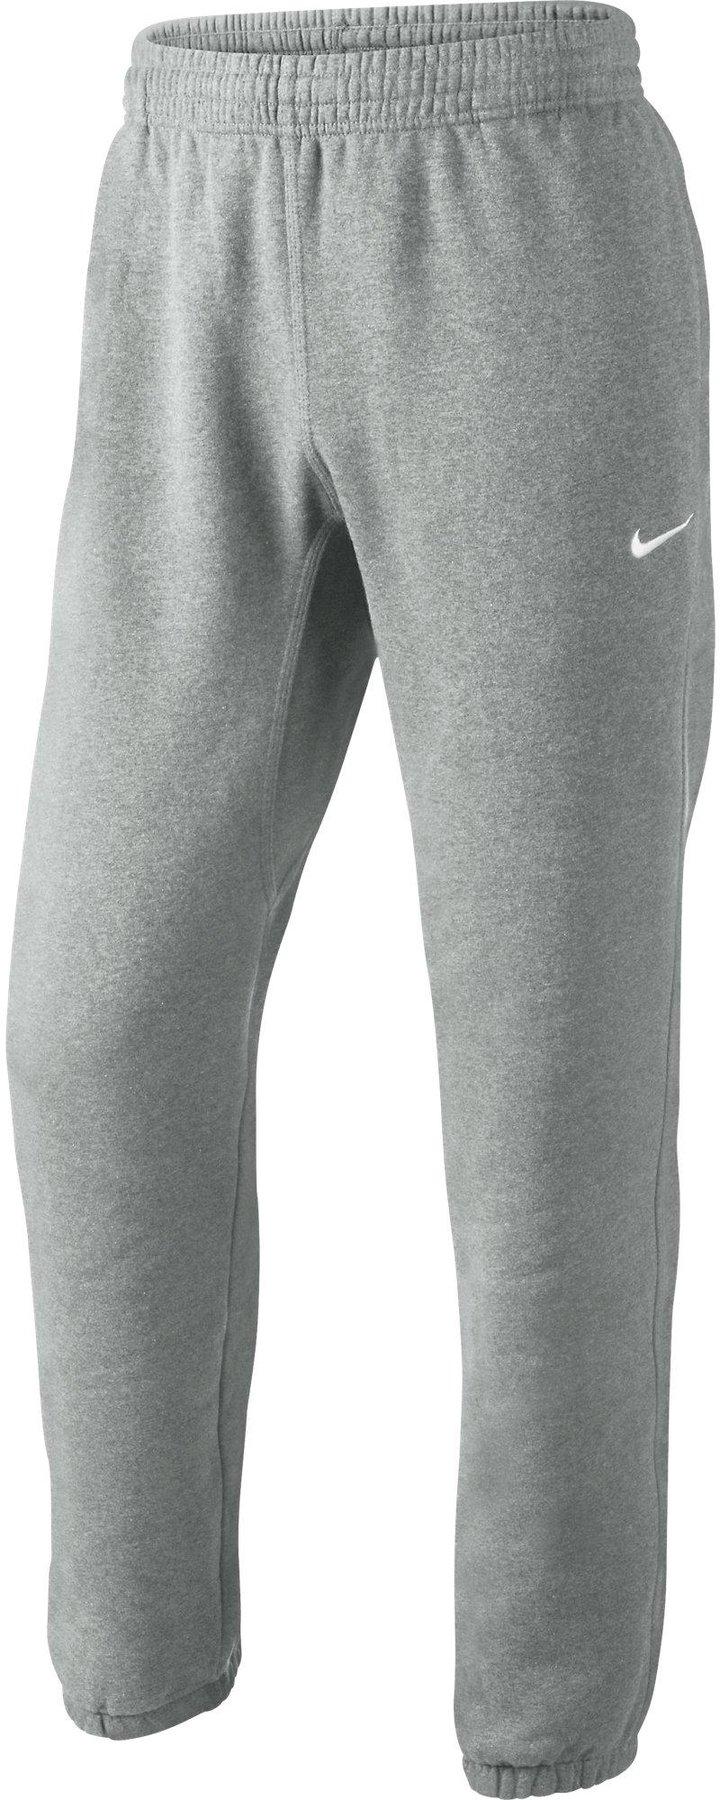 42f3f83ef06ff3 Nike Herren Trainingshose Club Cuff Pant Swoosh dark grey heather white  günstig